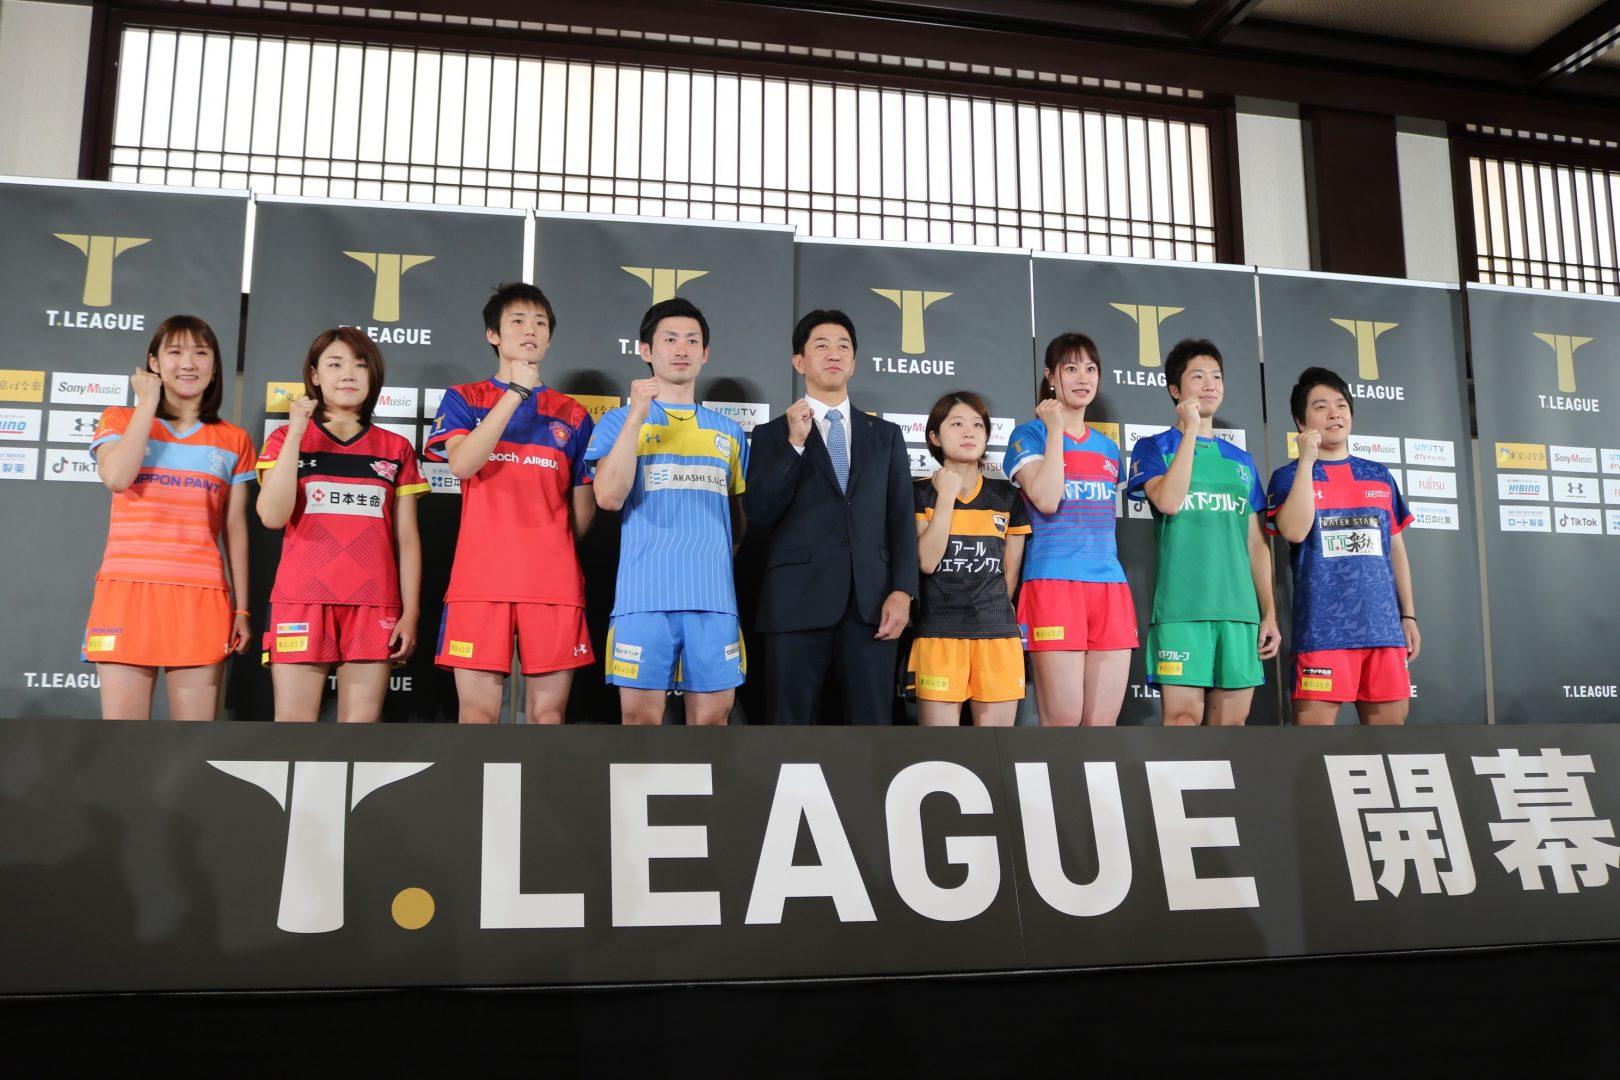 【卓球・Tリーグ】2019-2020シーズンに向け、自由交渉可能選手を発表